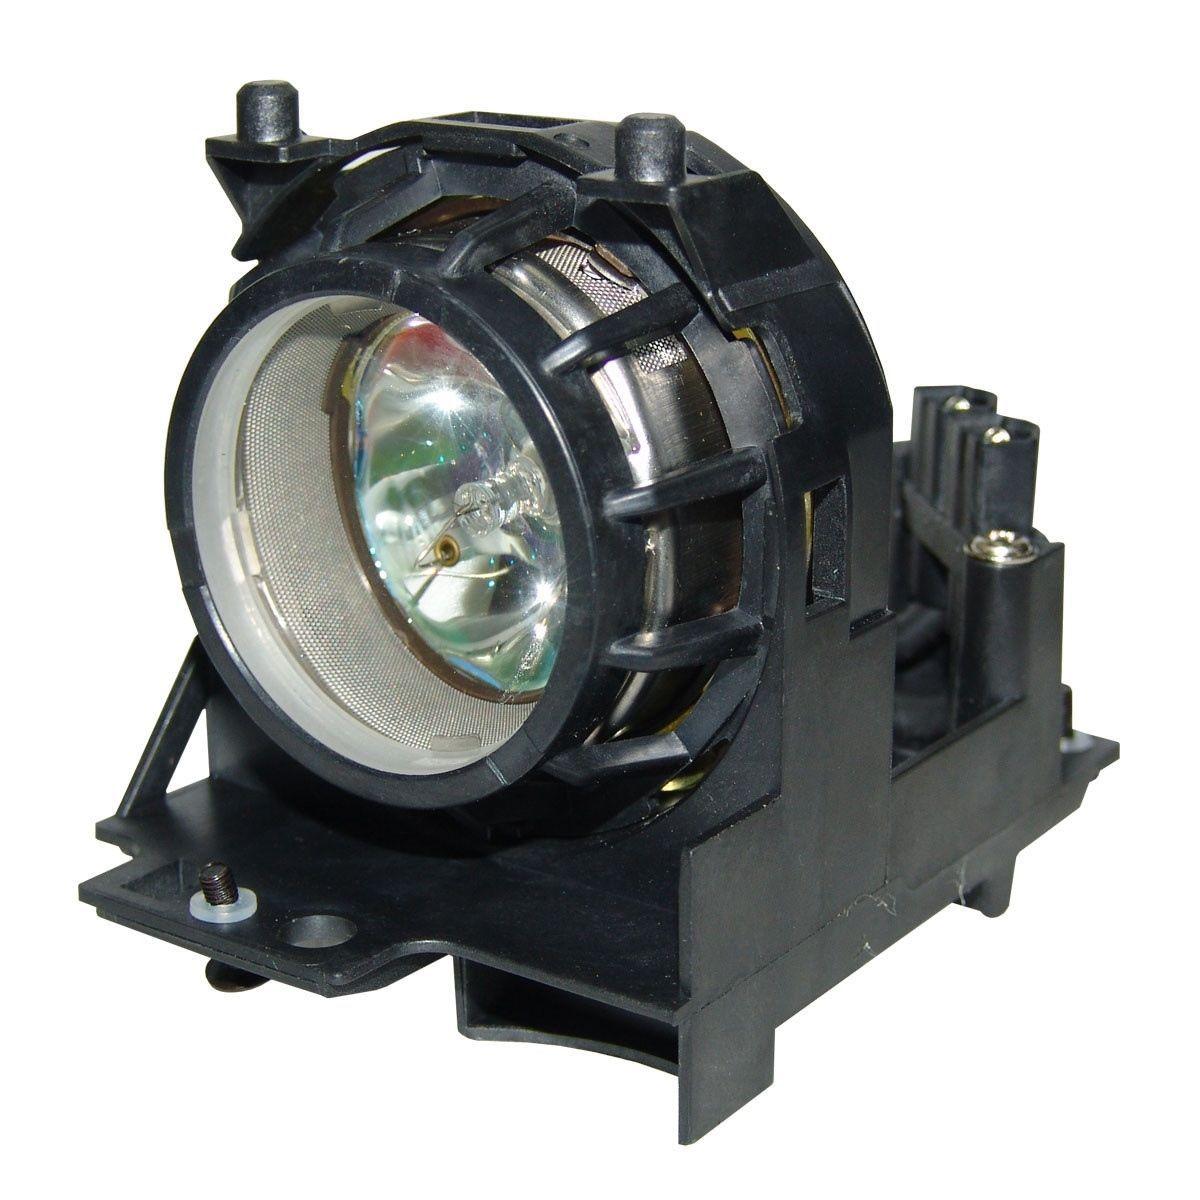 LAMPADA DE PROJETOR HITACHI DT00581 LAMP PROJ